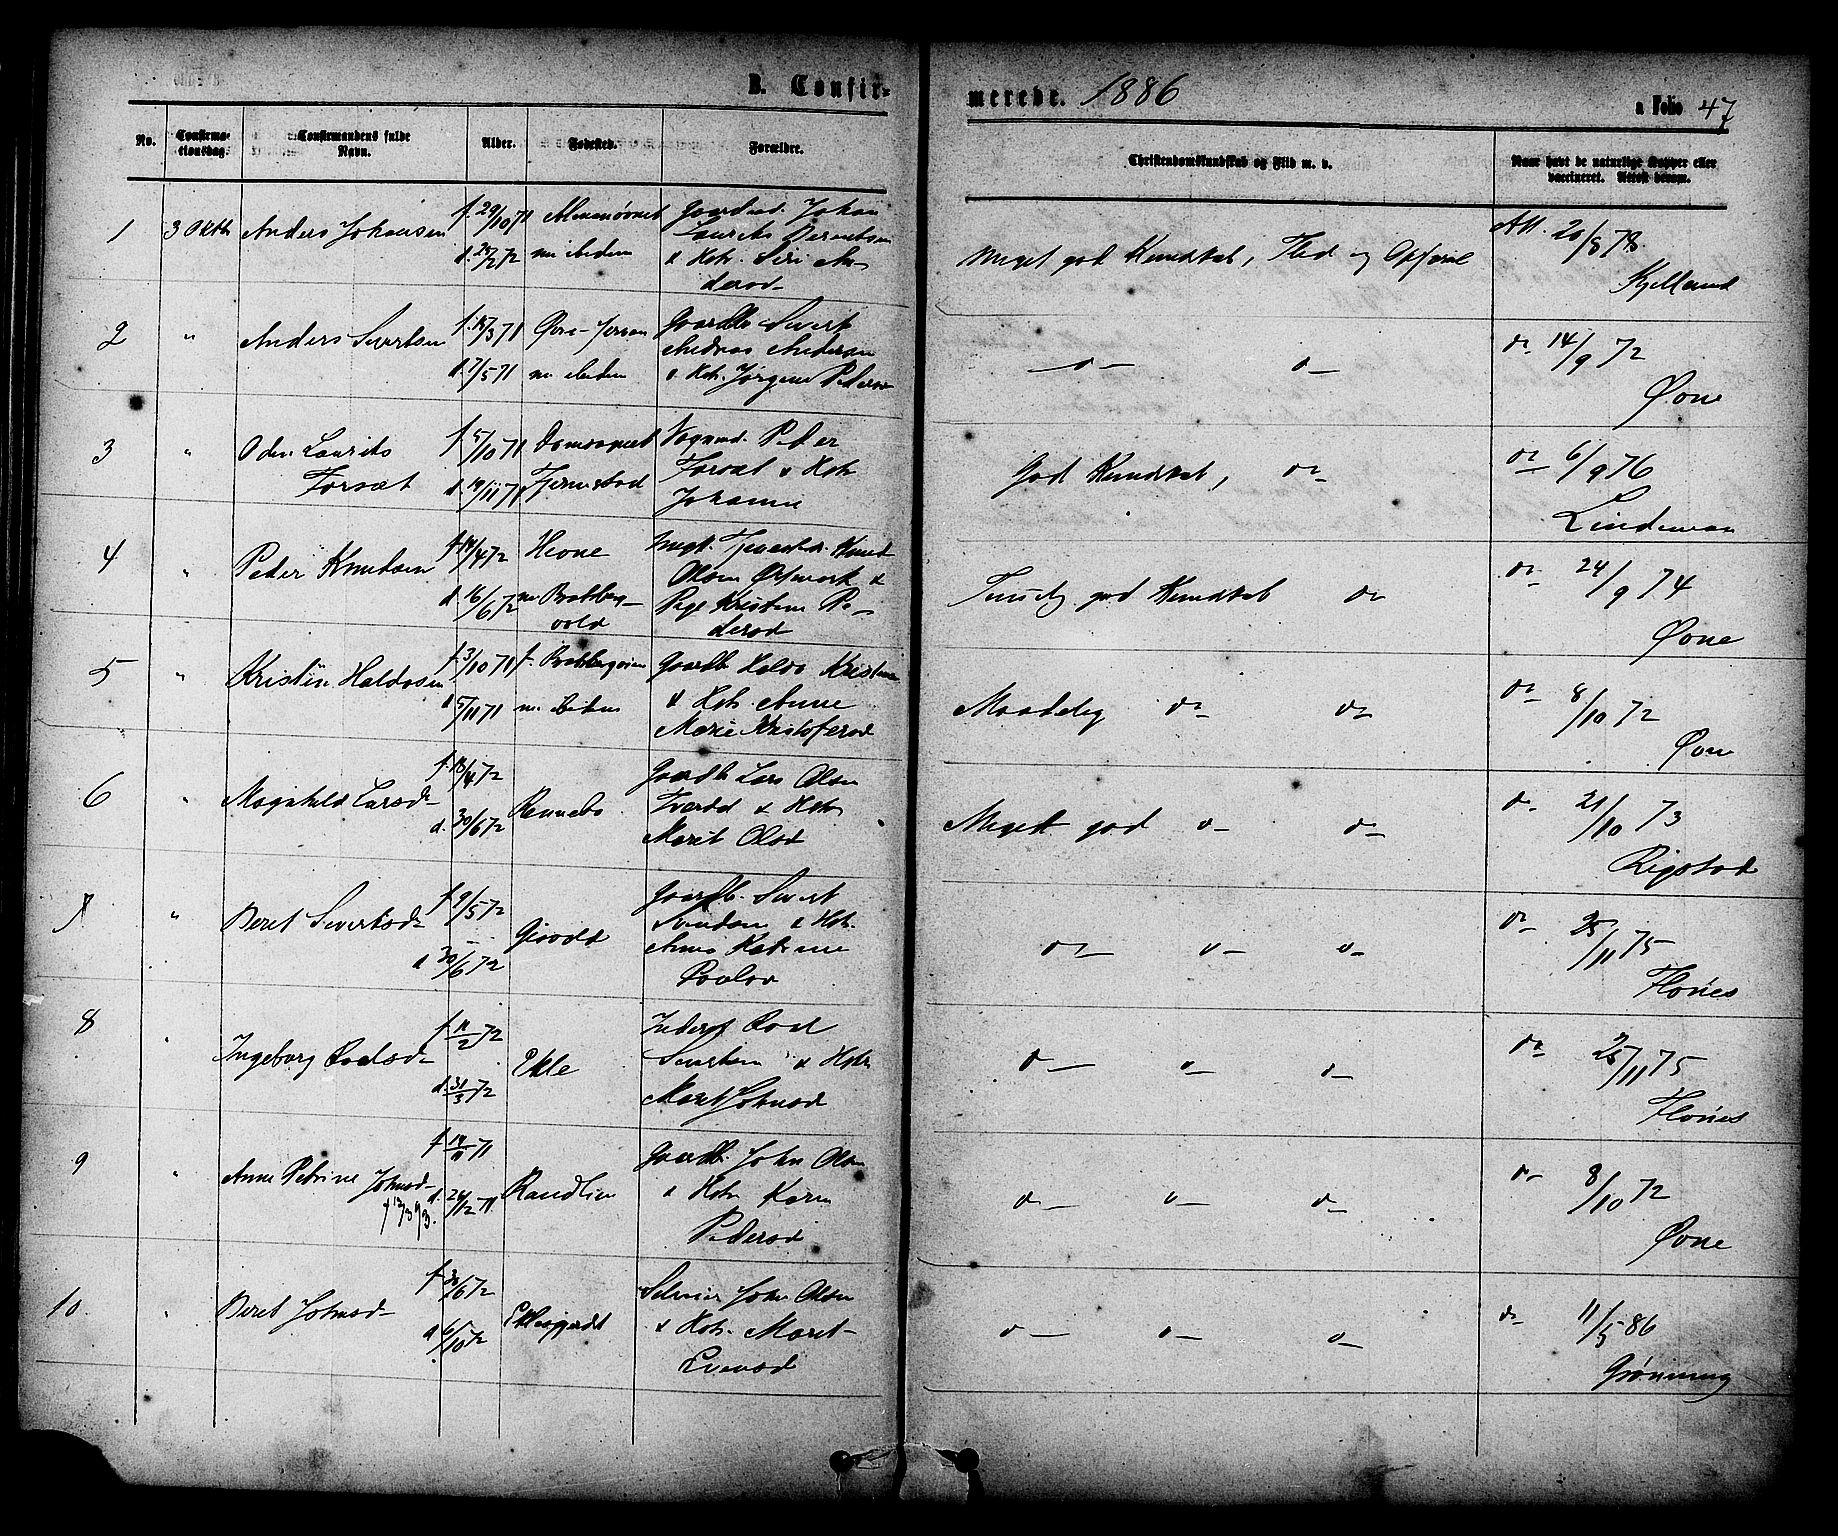 SAT, Ministerialprotokoller, klokkerbøker og fødselsregistre - Sør-Trøndelag, 608/L0334: Ministerialbok nr. 608A03, 1877-1886, s. 47